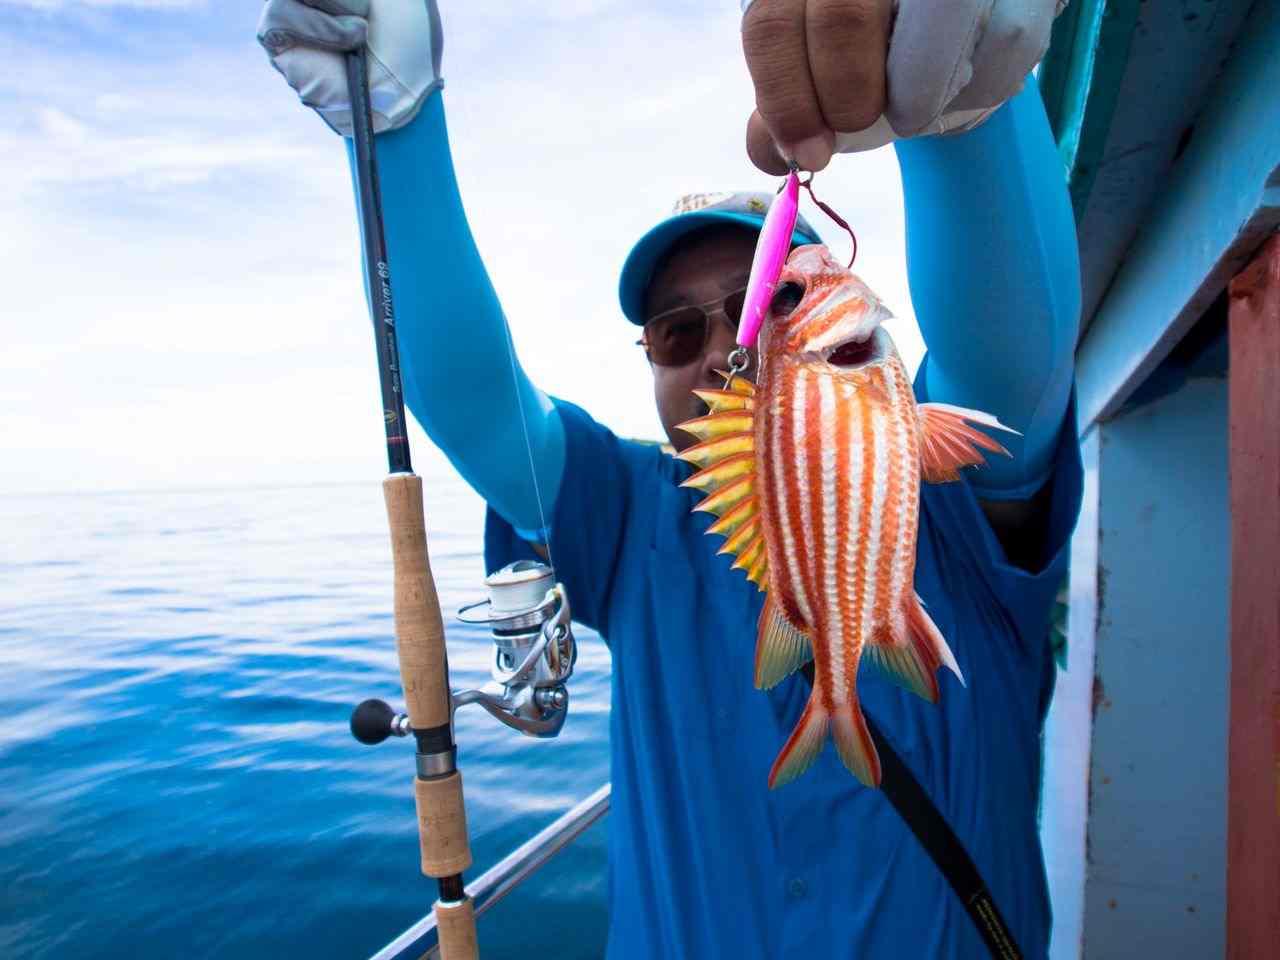 タイランド 太田さん Arriver69Dance で釣る。_a0153216_23344841.jpg